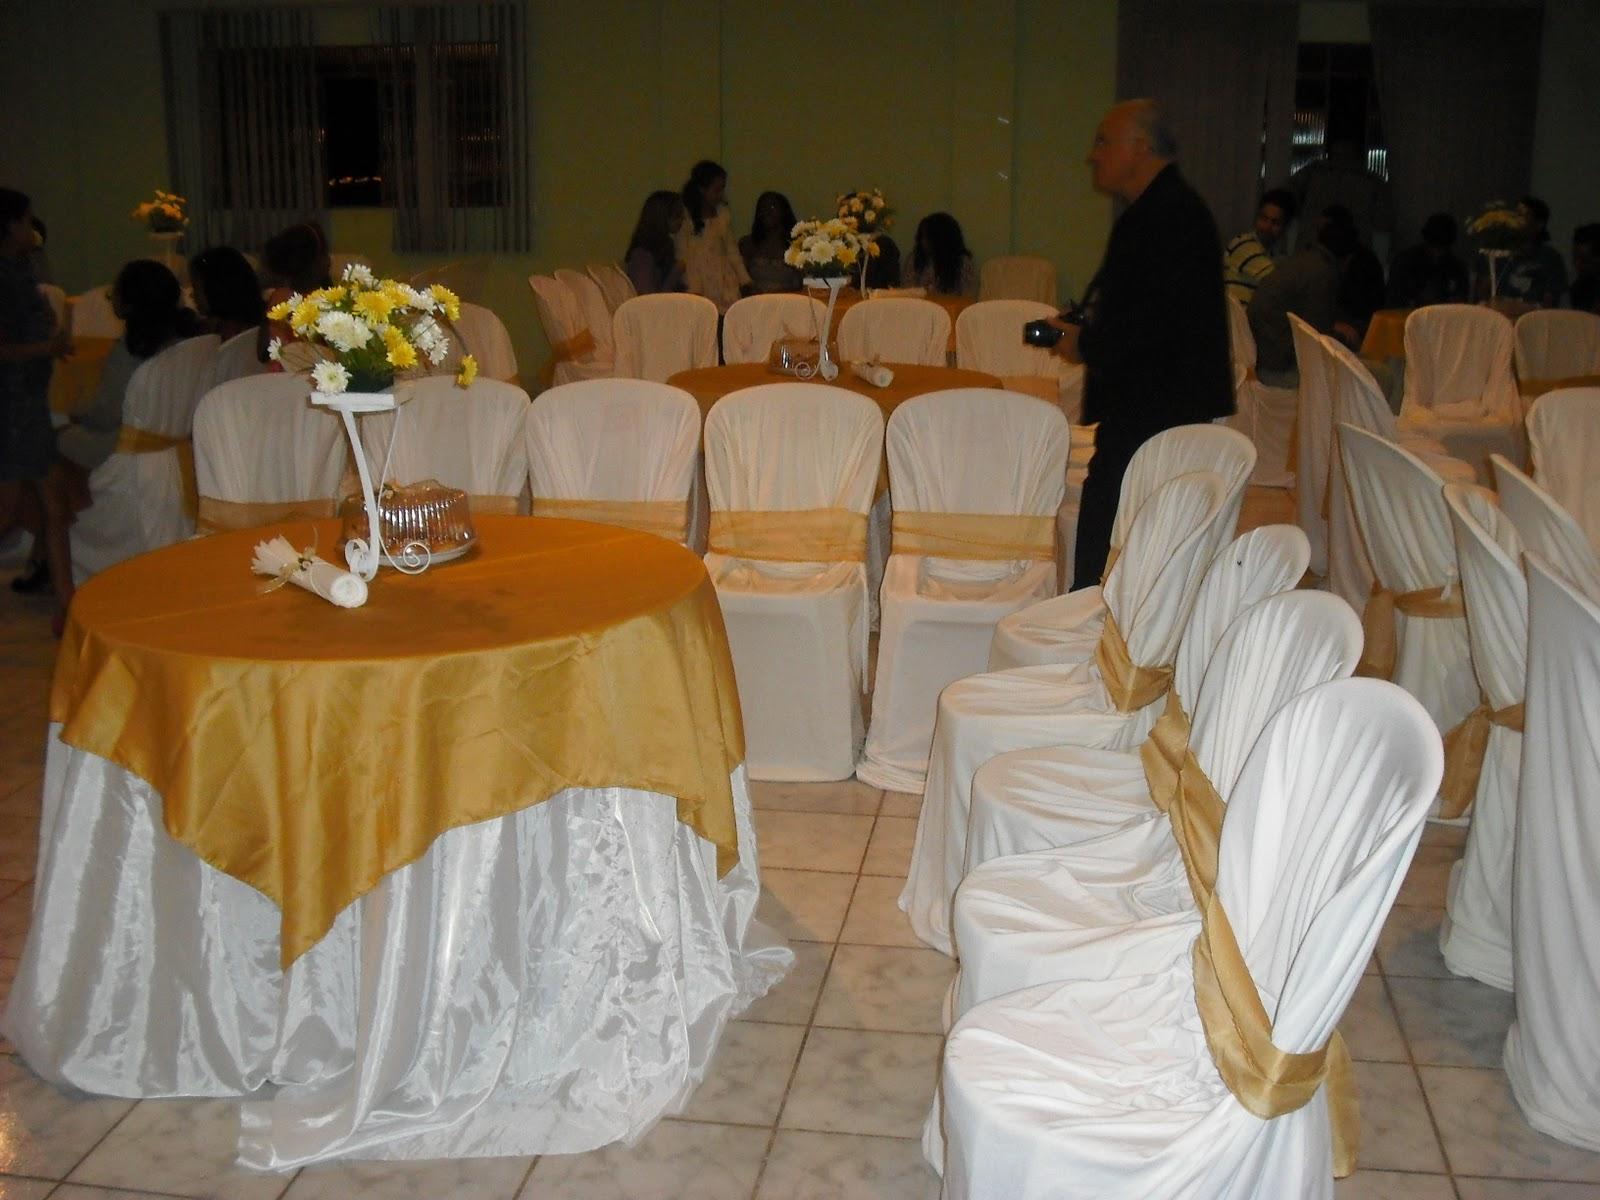 decoracao branca e dourada para casamento : decoracao branca e dourada para casamento:VanDeC Decorações e Buffet: Decoração dourada e branco.